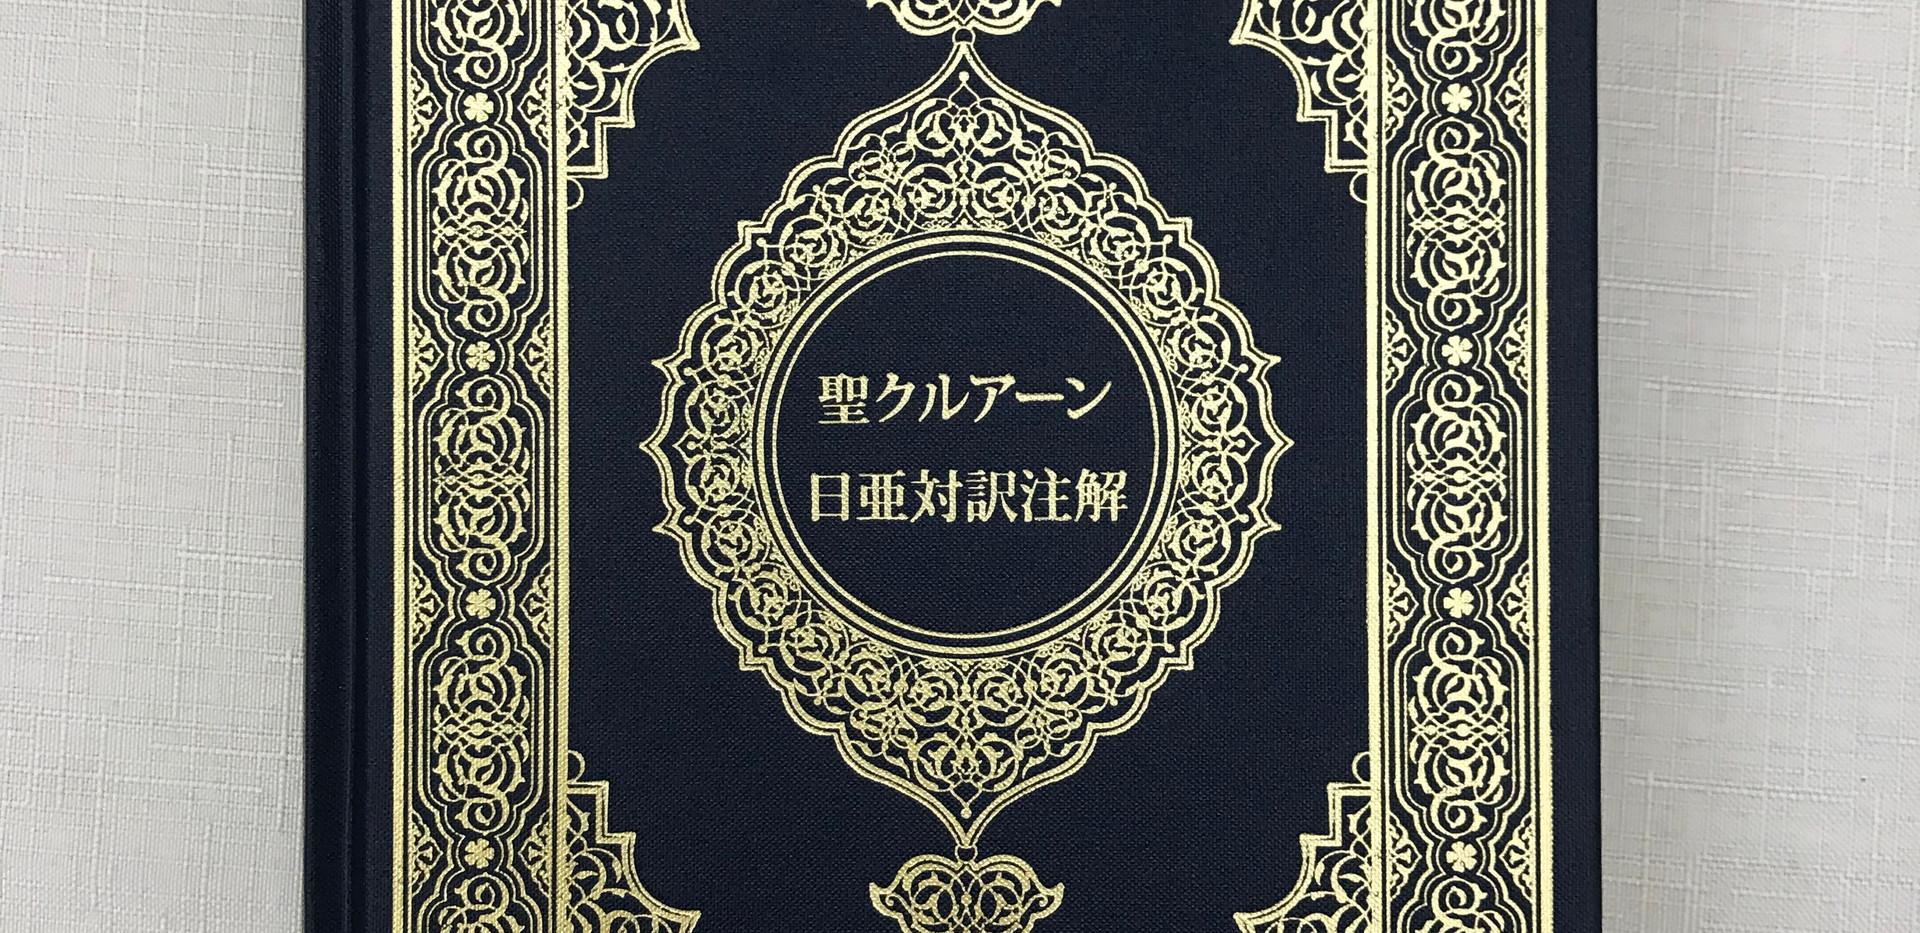 関戸撮影アッサラーム・ファンデーション(4).jpg